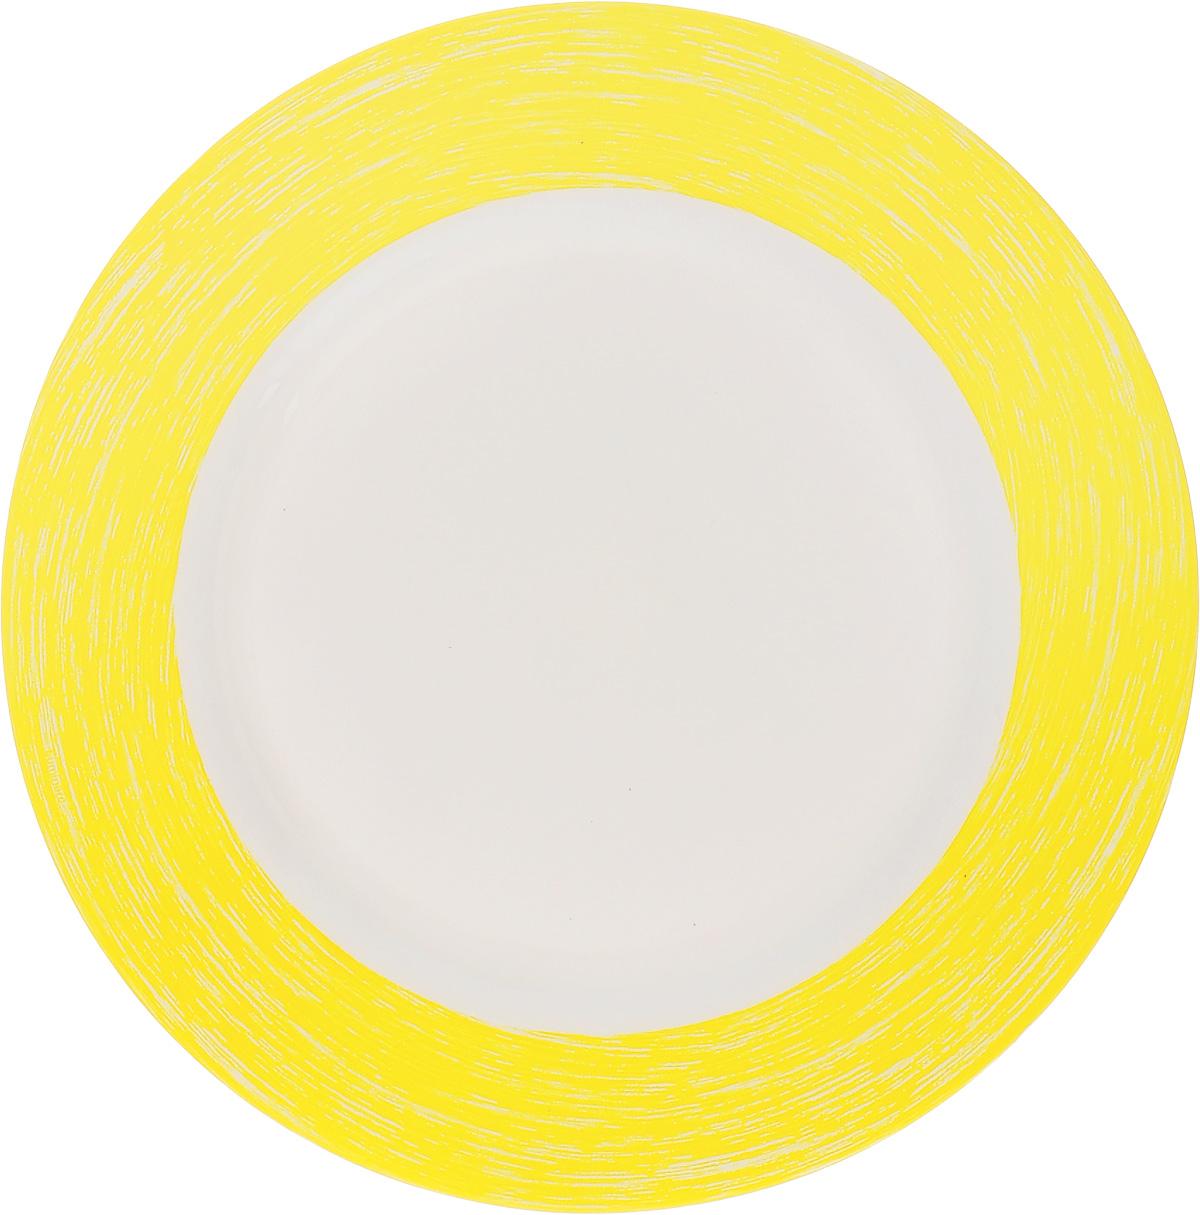 Тарелка обеденная Luminarc Color Days Yellow, диаметр 24 смL1518Обеденная тарелка Luminarc Color Days Yellow, изготовленная из высококачественного стекла, имеет изысканный внешний вид. Яркий дизайн придется по вкусу и ценителям классики, и тем, кто предпочитает утонченность. Тарелка Luminarc Color Days Yellow идеально подойдет для сервировки стола и станет отличным подарком к любому празднику. Диаметр (по верхнему краю): 24 см.